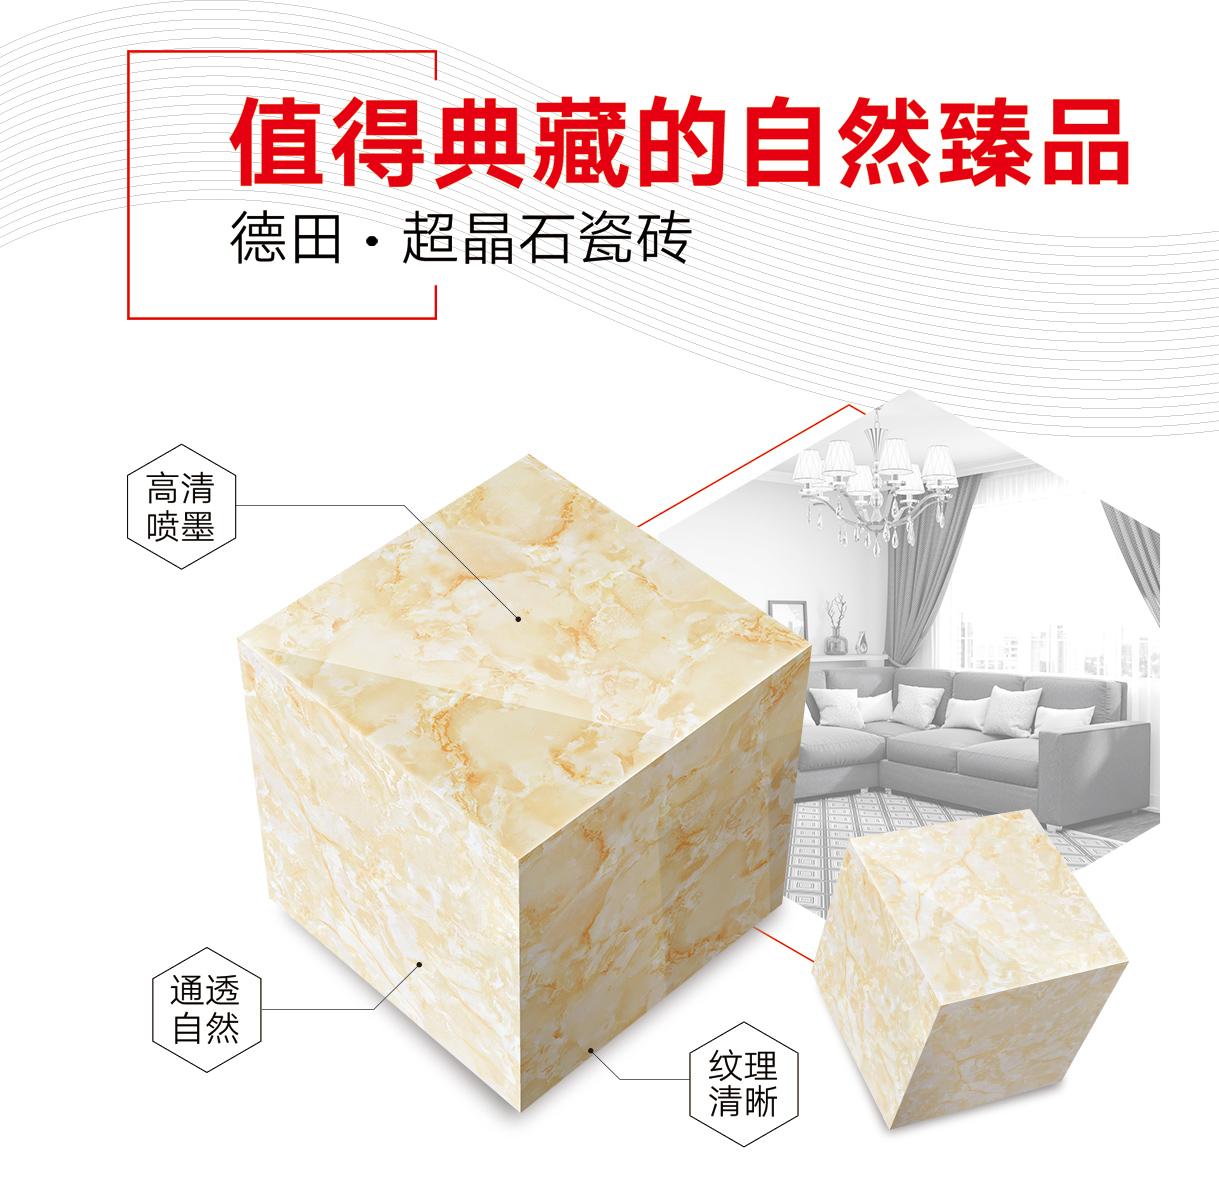 国货-超晶石系列